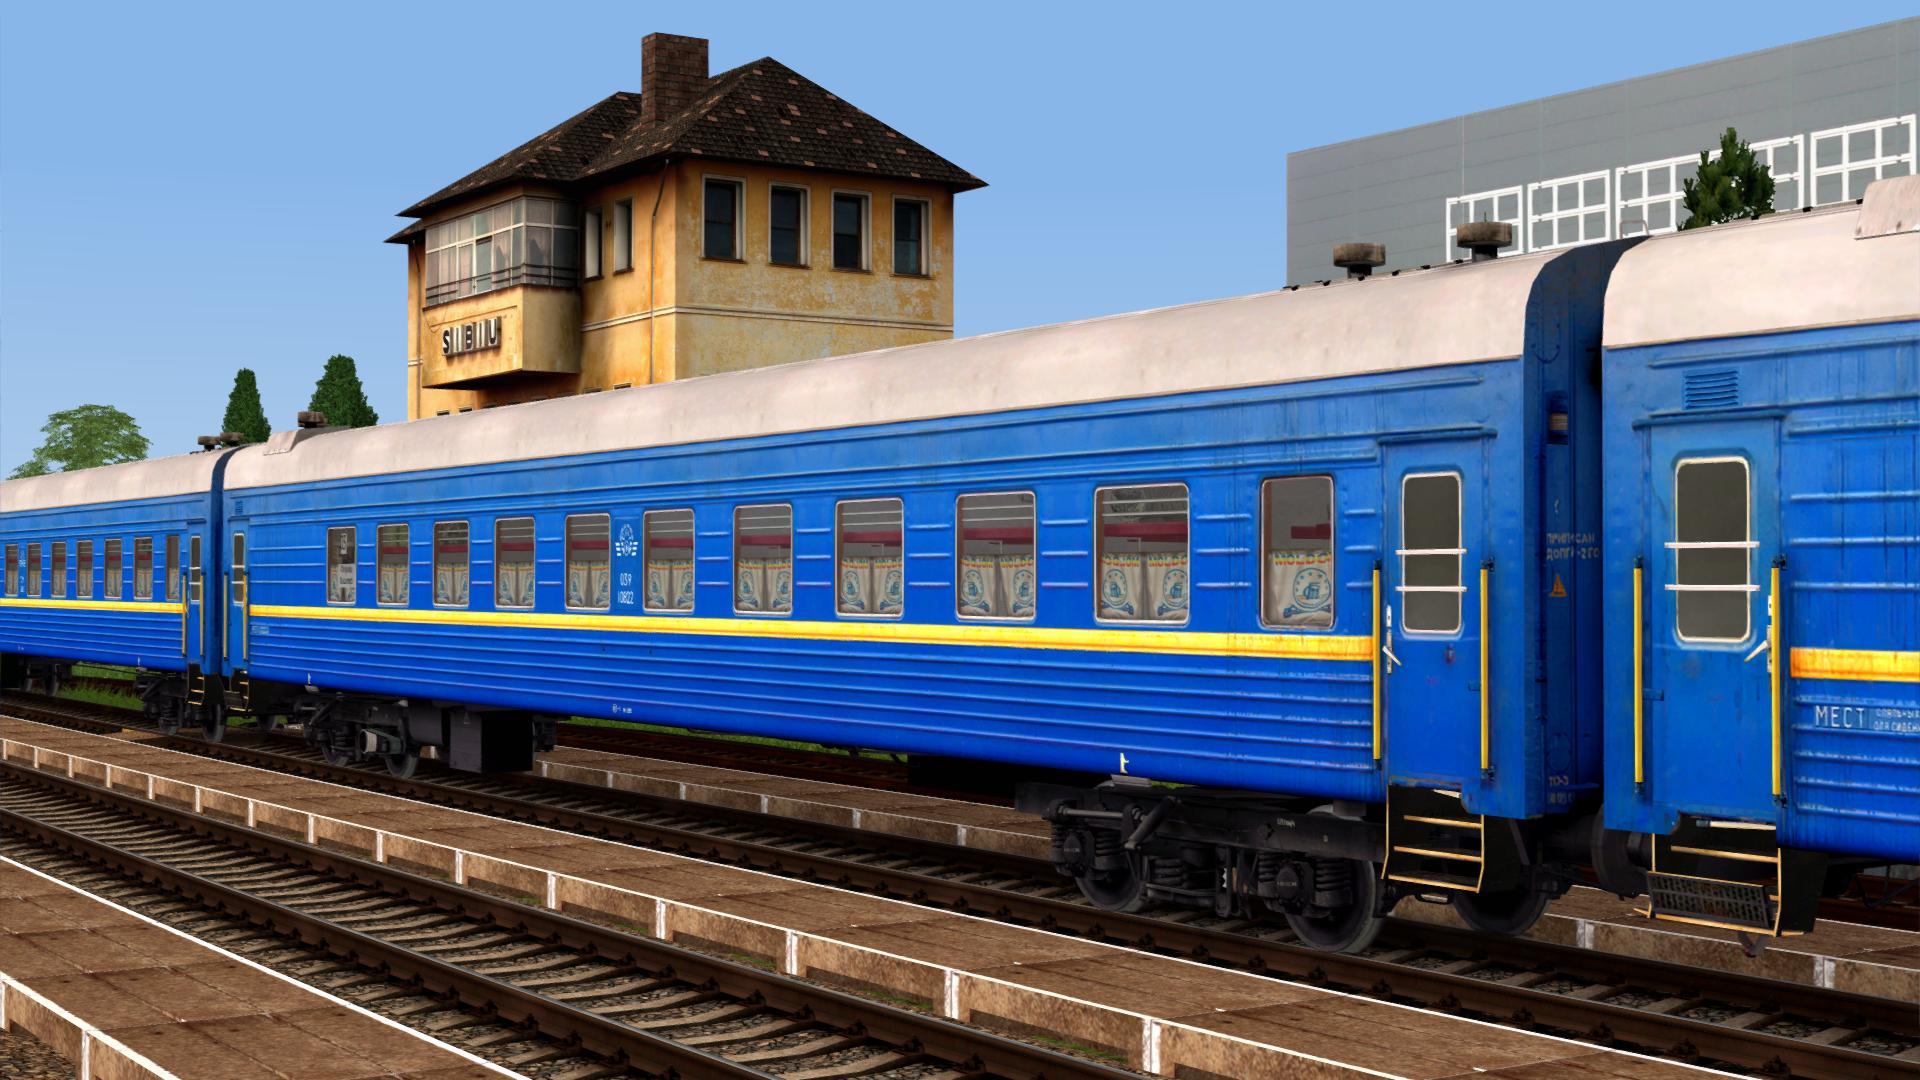 RailWorks64 2021-02-22 17-18-04